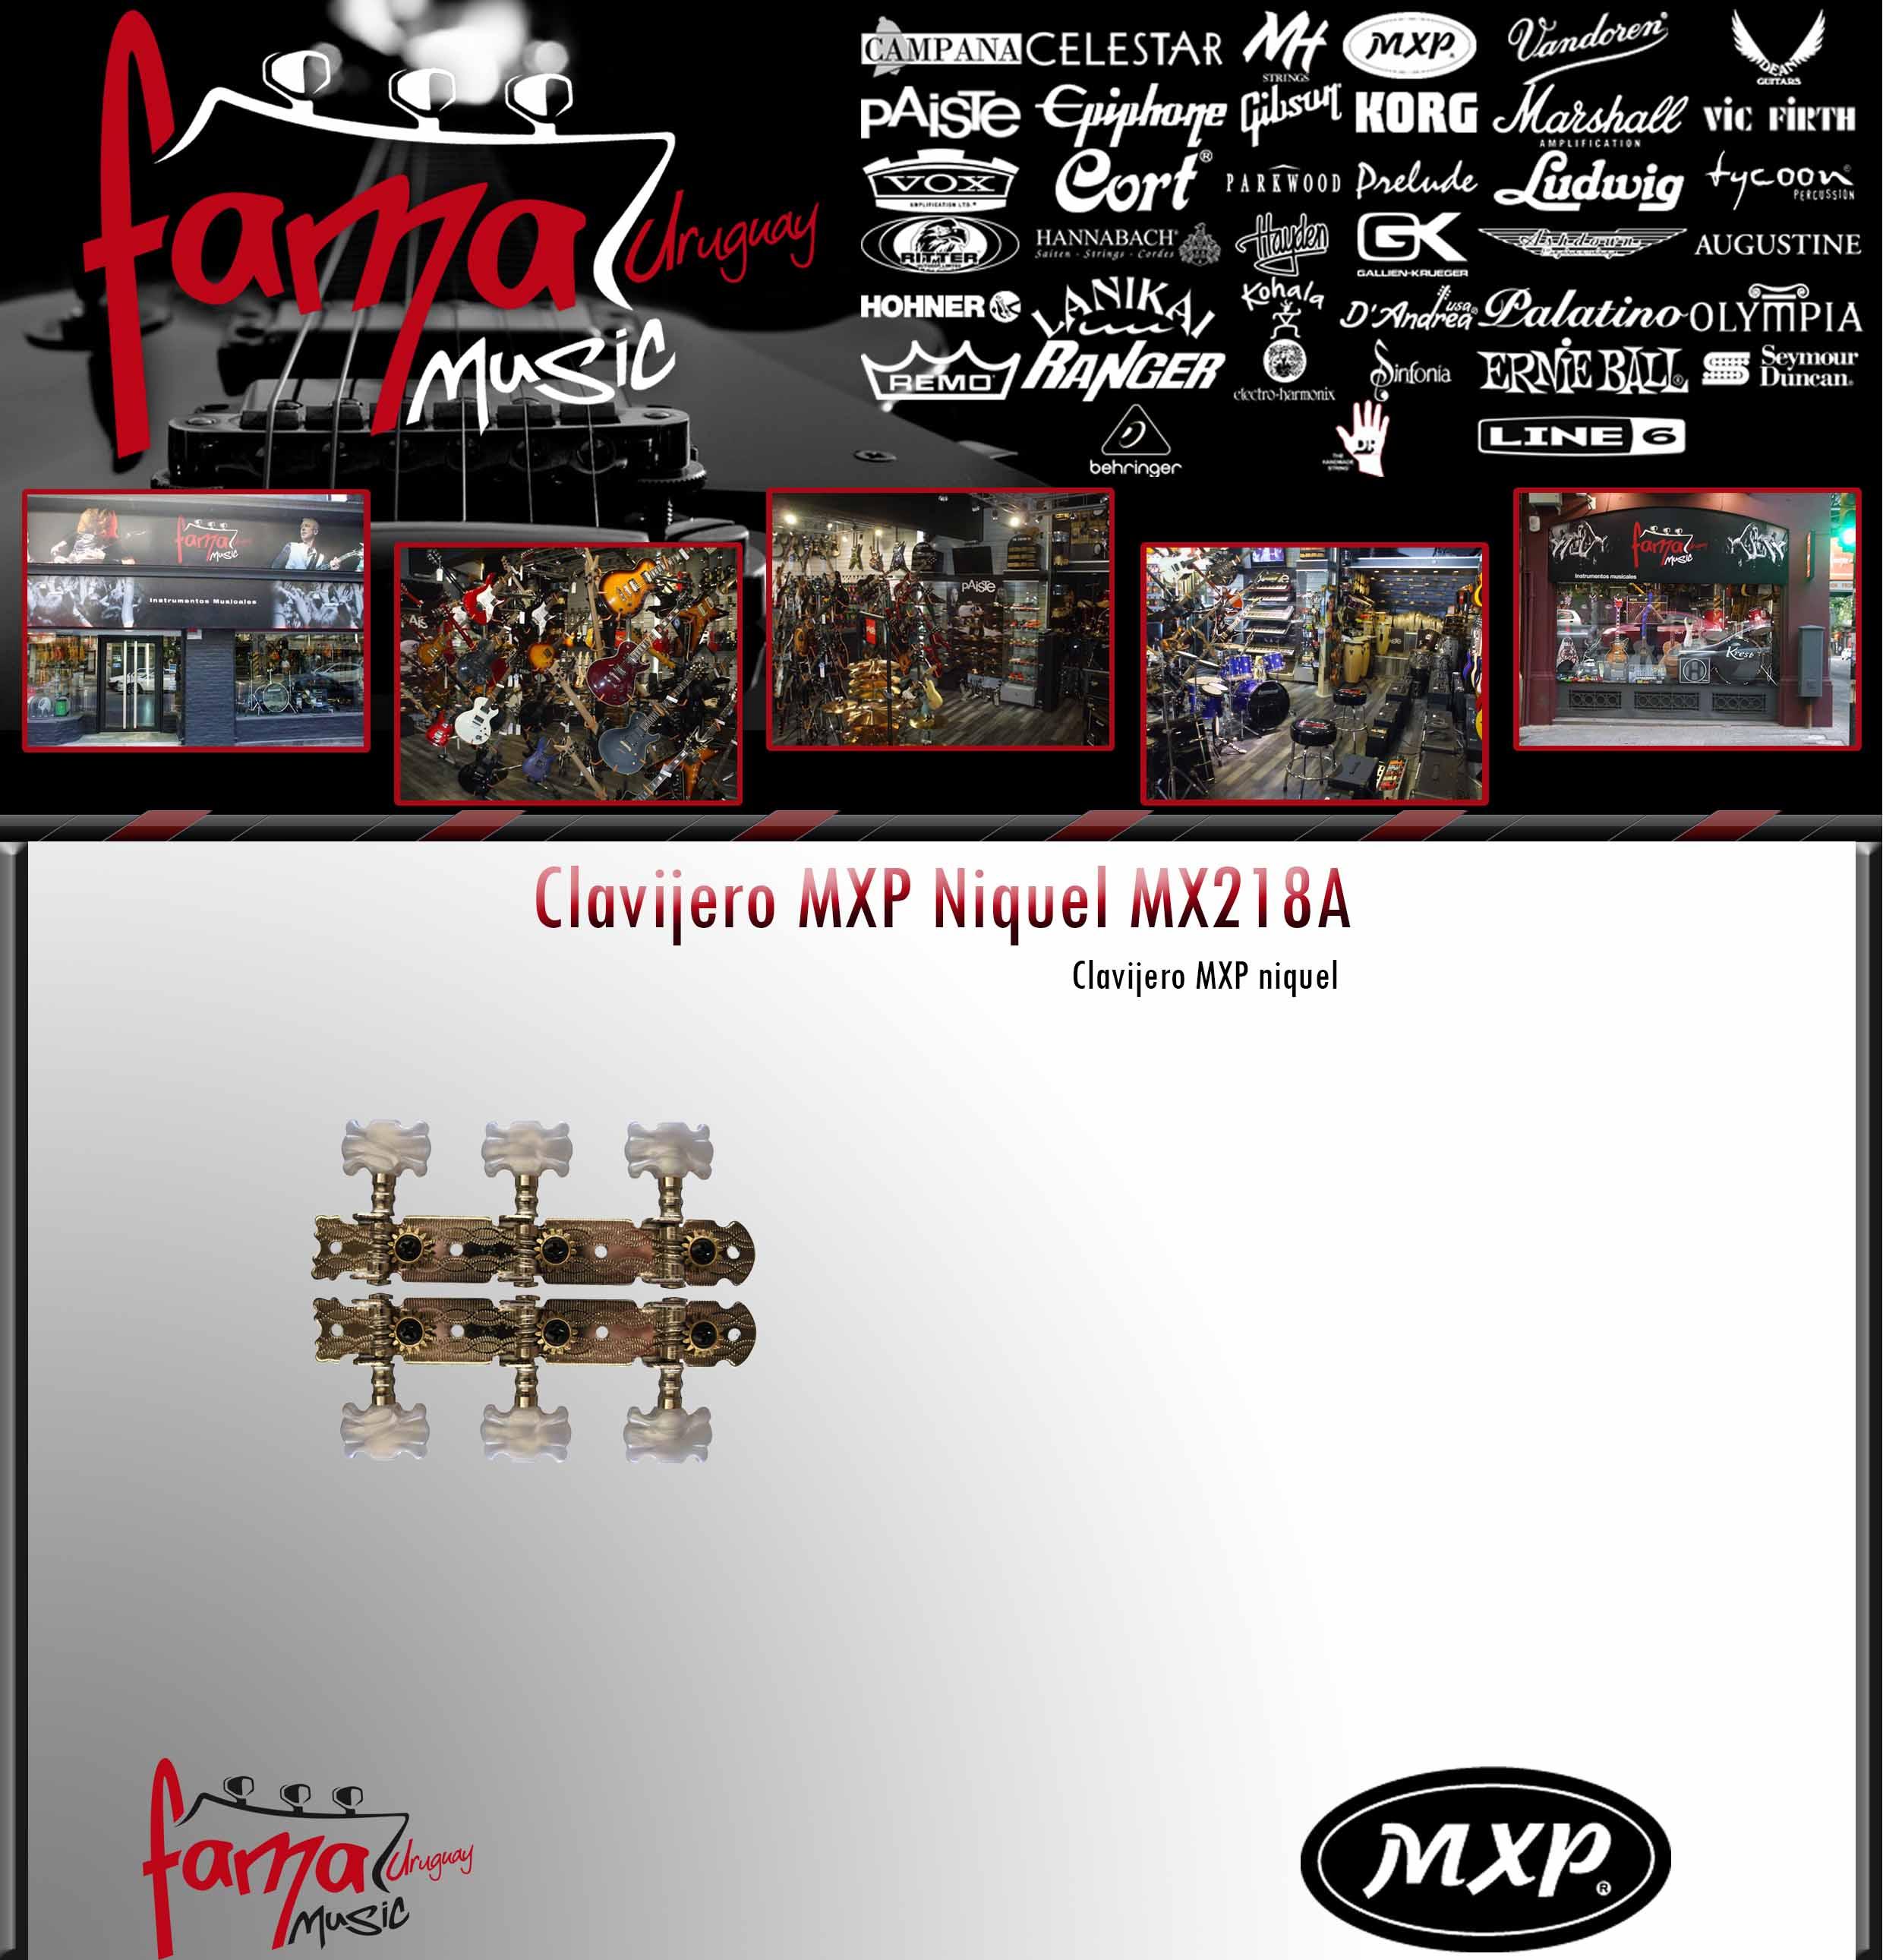 Clavijero MXP Niquel MX218A